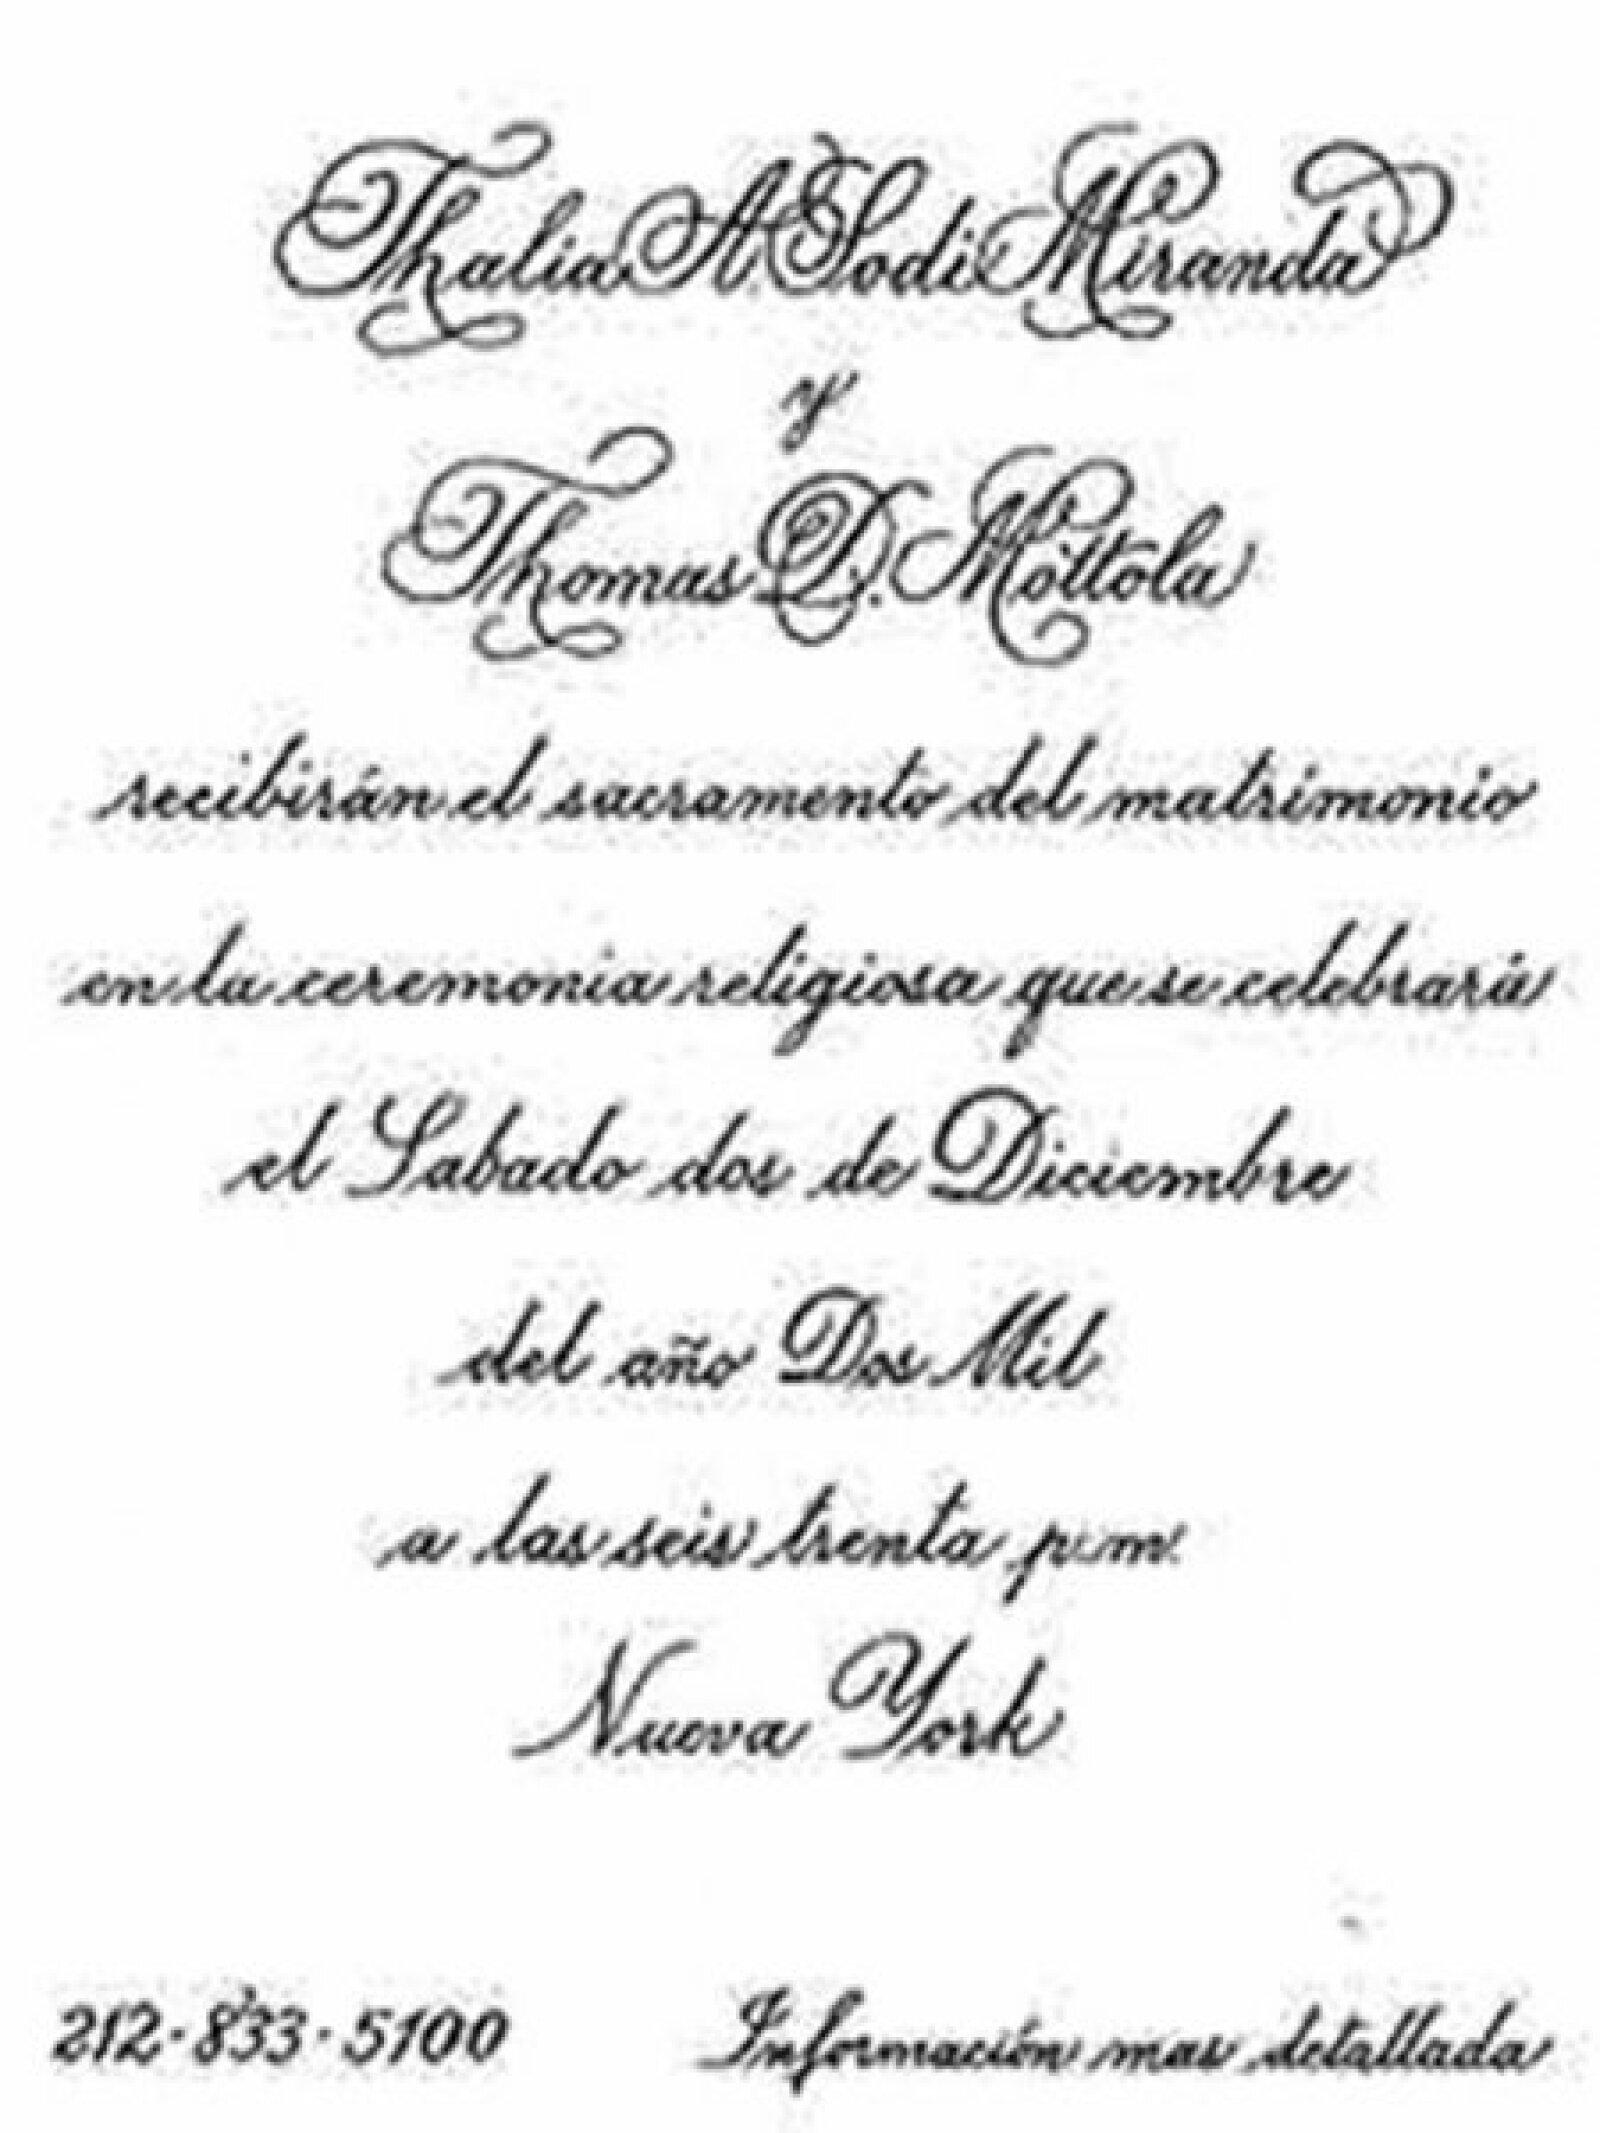 Esta fue la invitación de la boda.